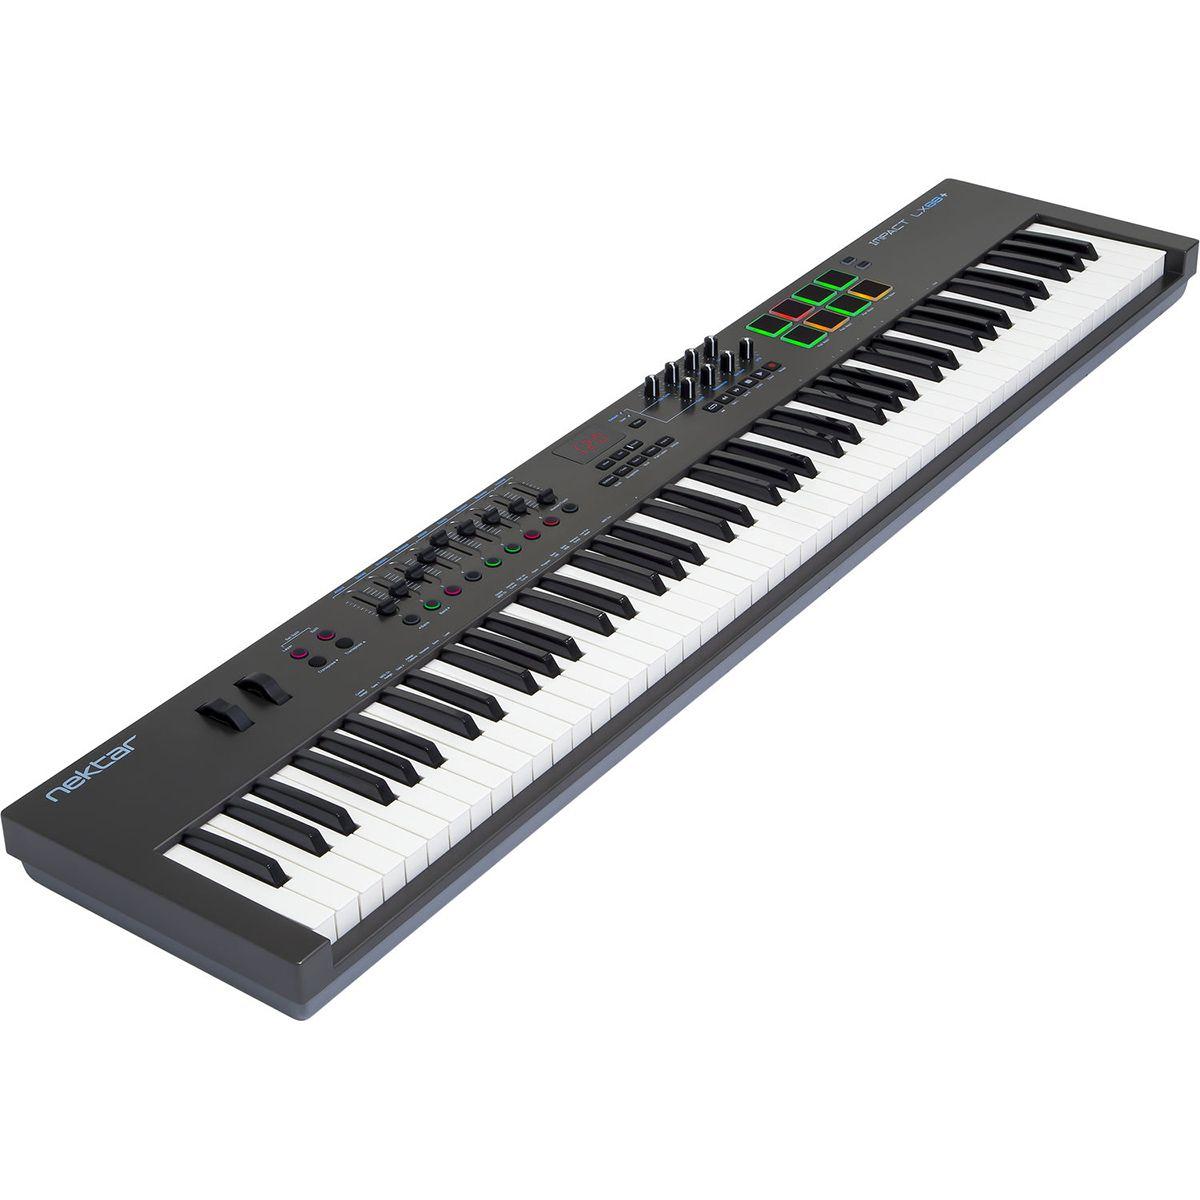 TECLADO CONTROLADOR MIDI NEKTAR IMPACT LX88+